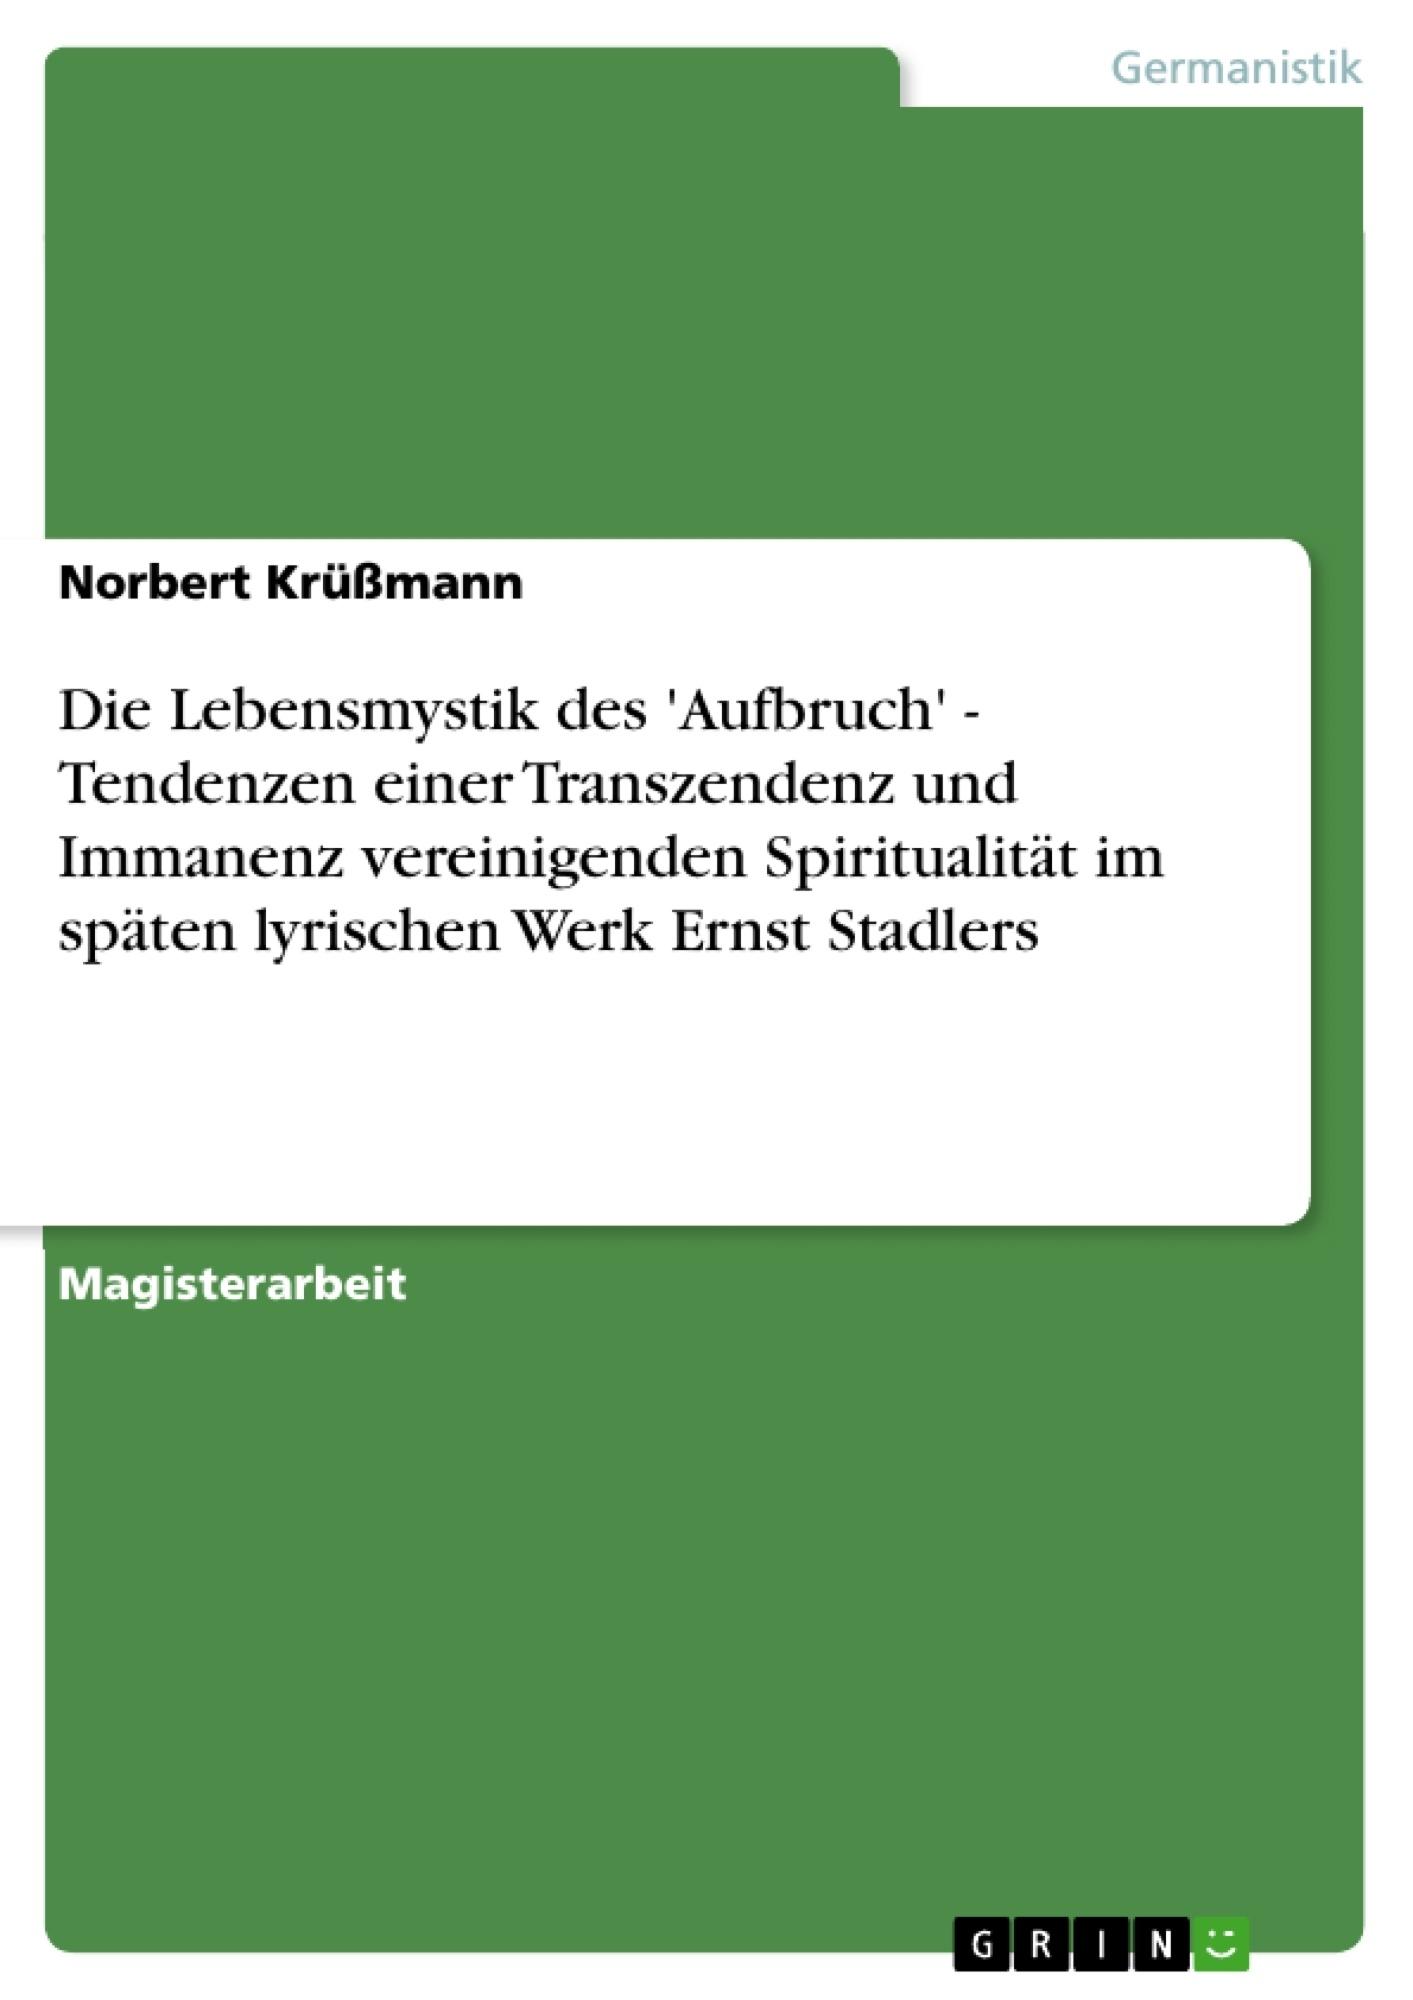 Titel: Die Lebensmystik des 'Aufbruch' - Tendenzen einer Transzendenz und Immanenz vereinigenden Spiritualität im späten lyrischen Werk Ernst Stadlers